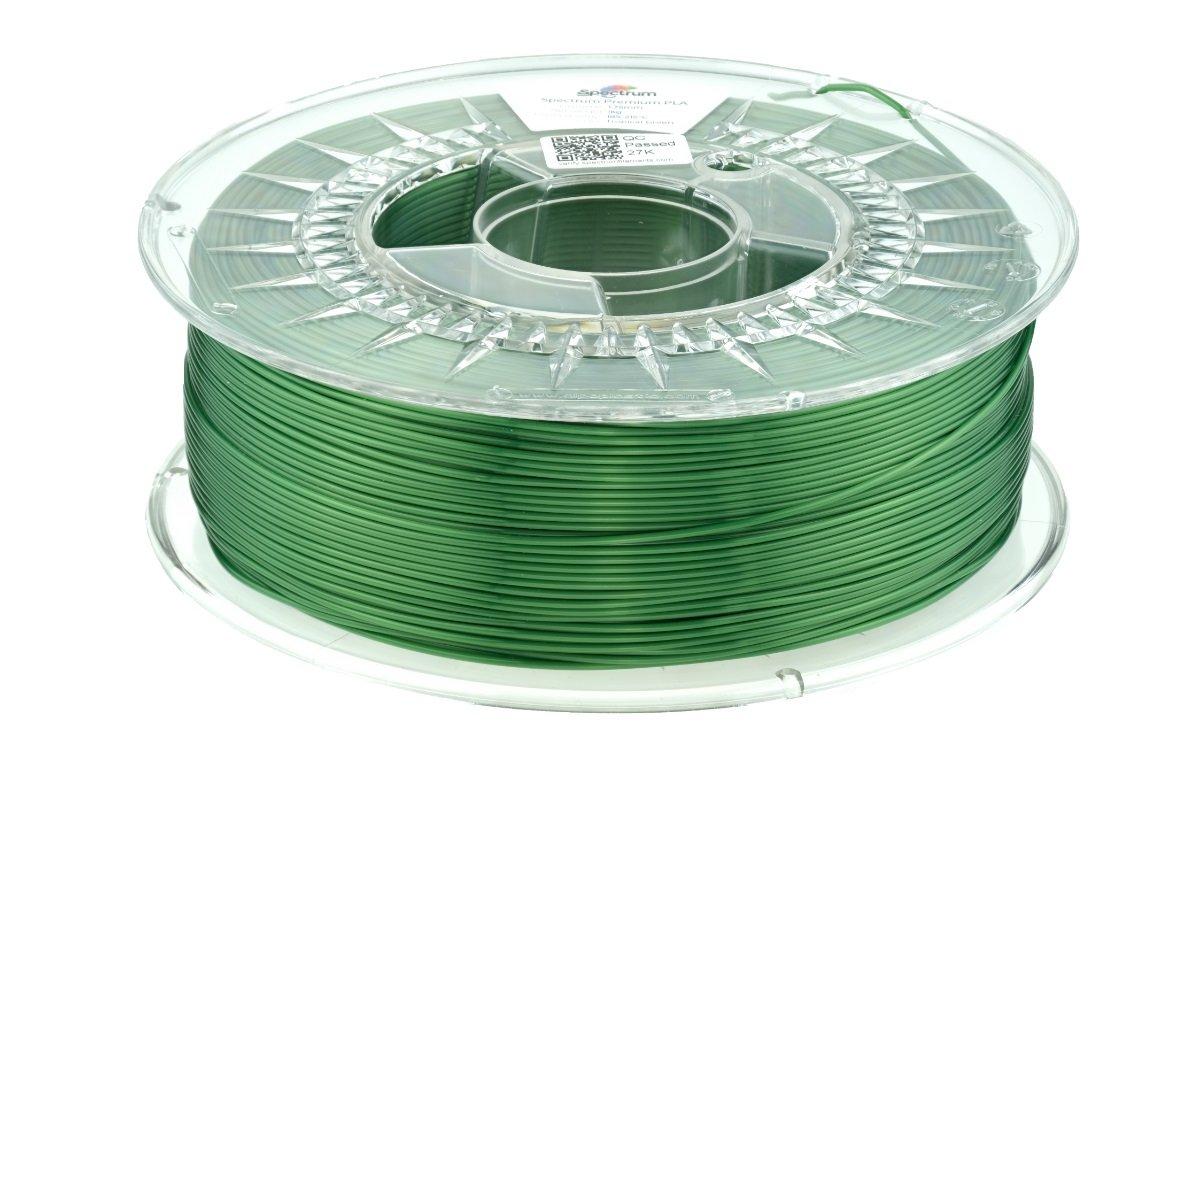 Billede af Spectrum Filaments - PLA Silk - 1.75mm - Tropical Green - 1 kg